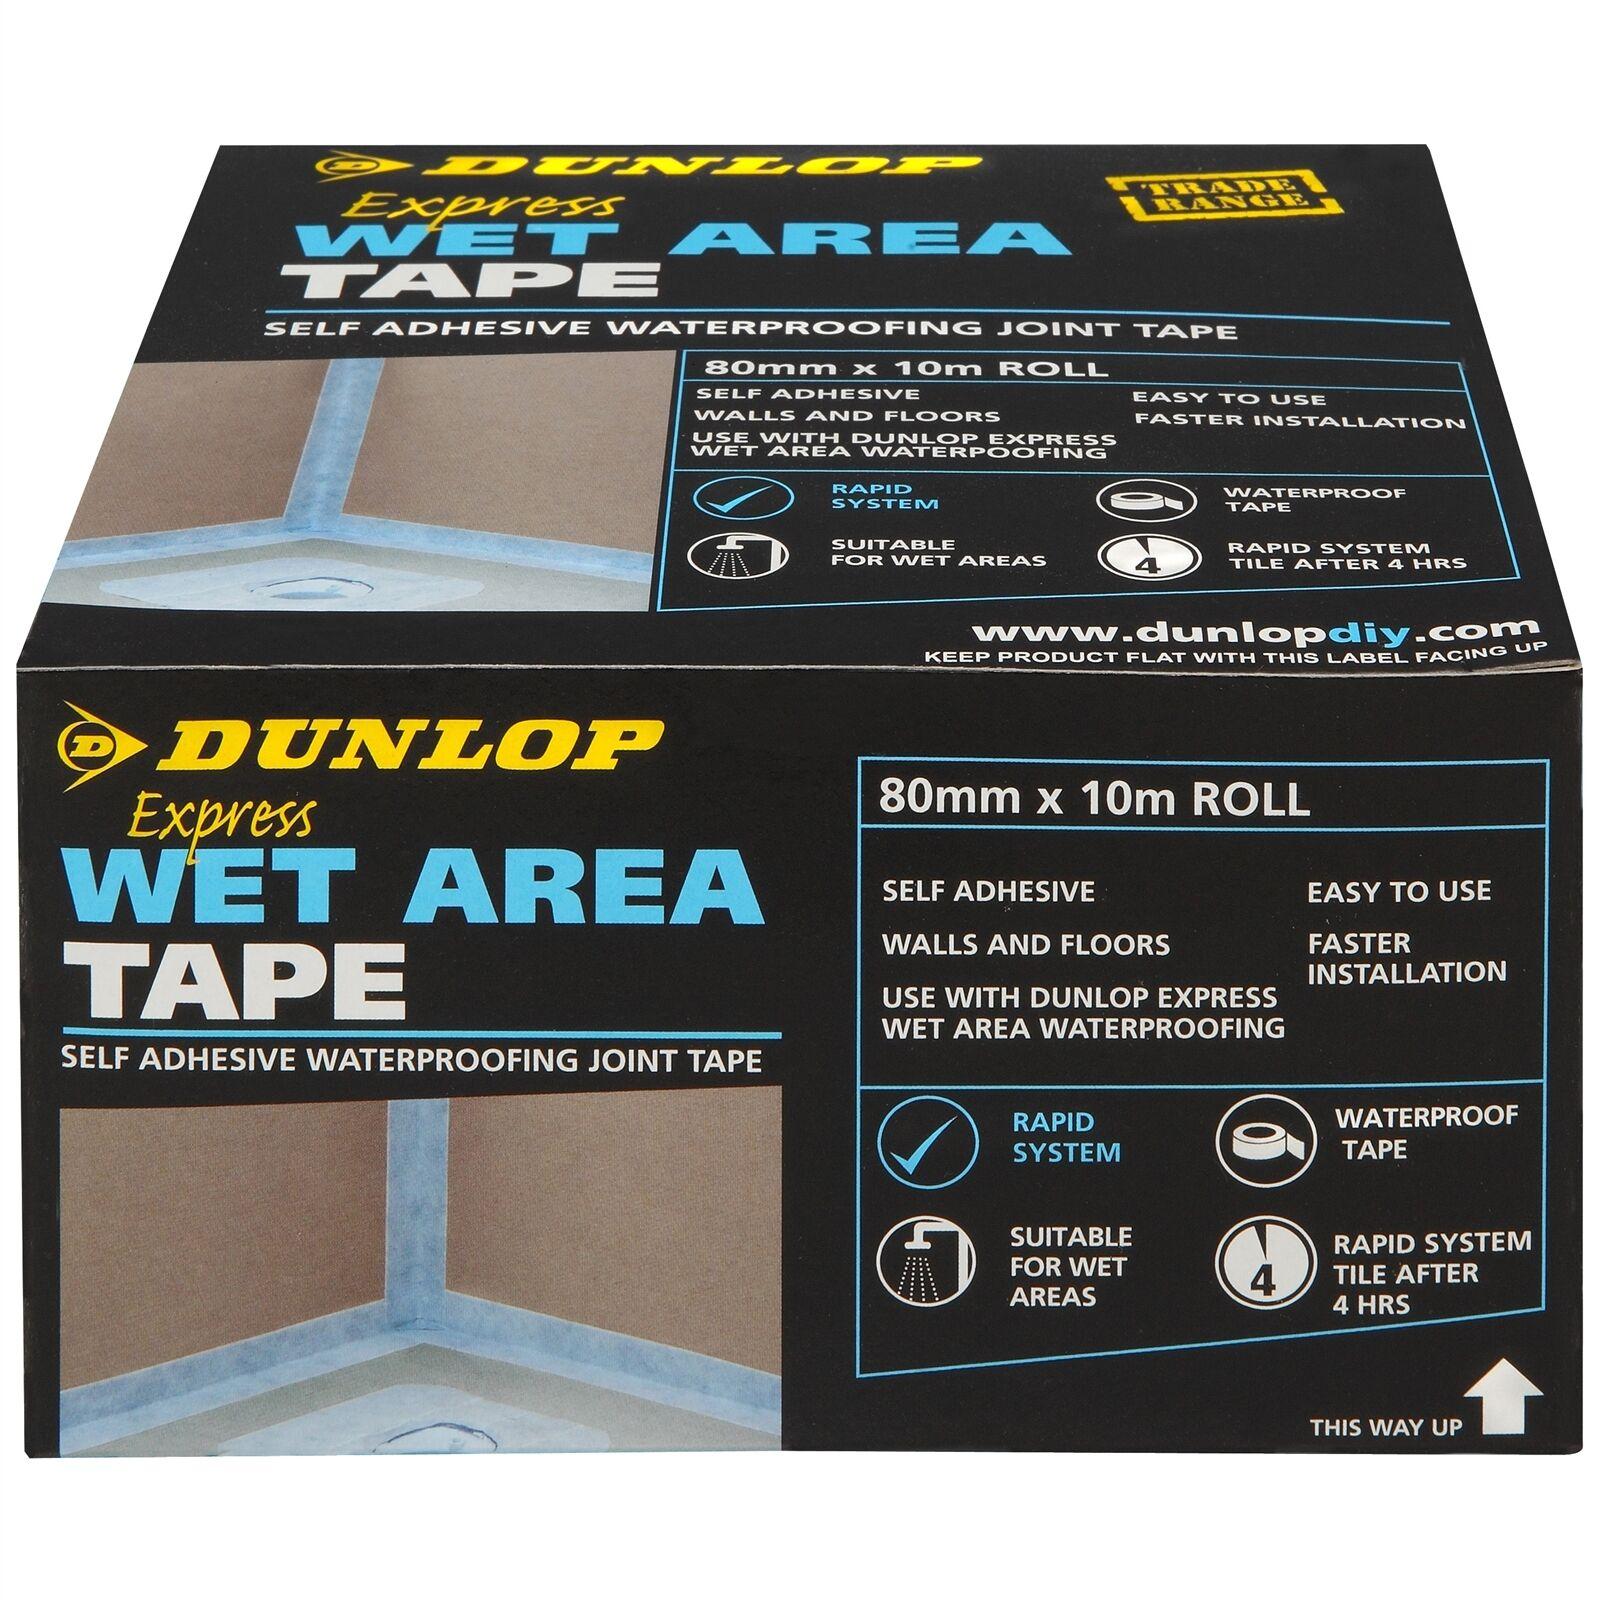 Dunlop EXPRESS WET AREA TAPE 80mmx10m Self-Adhesive Sealing USA Brand